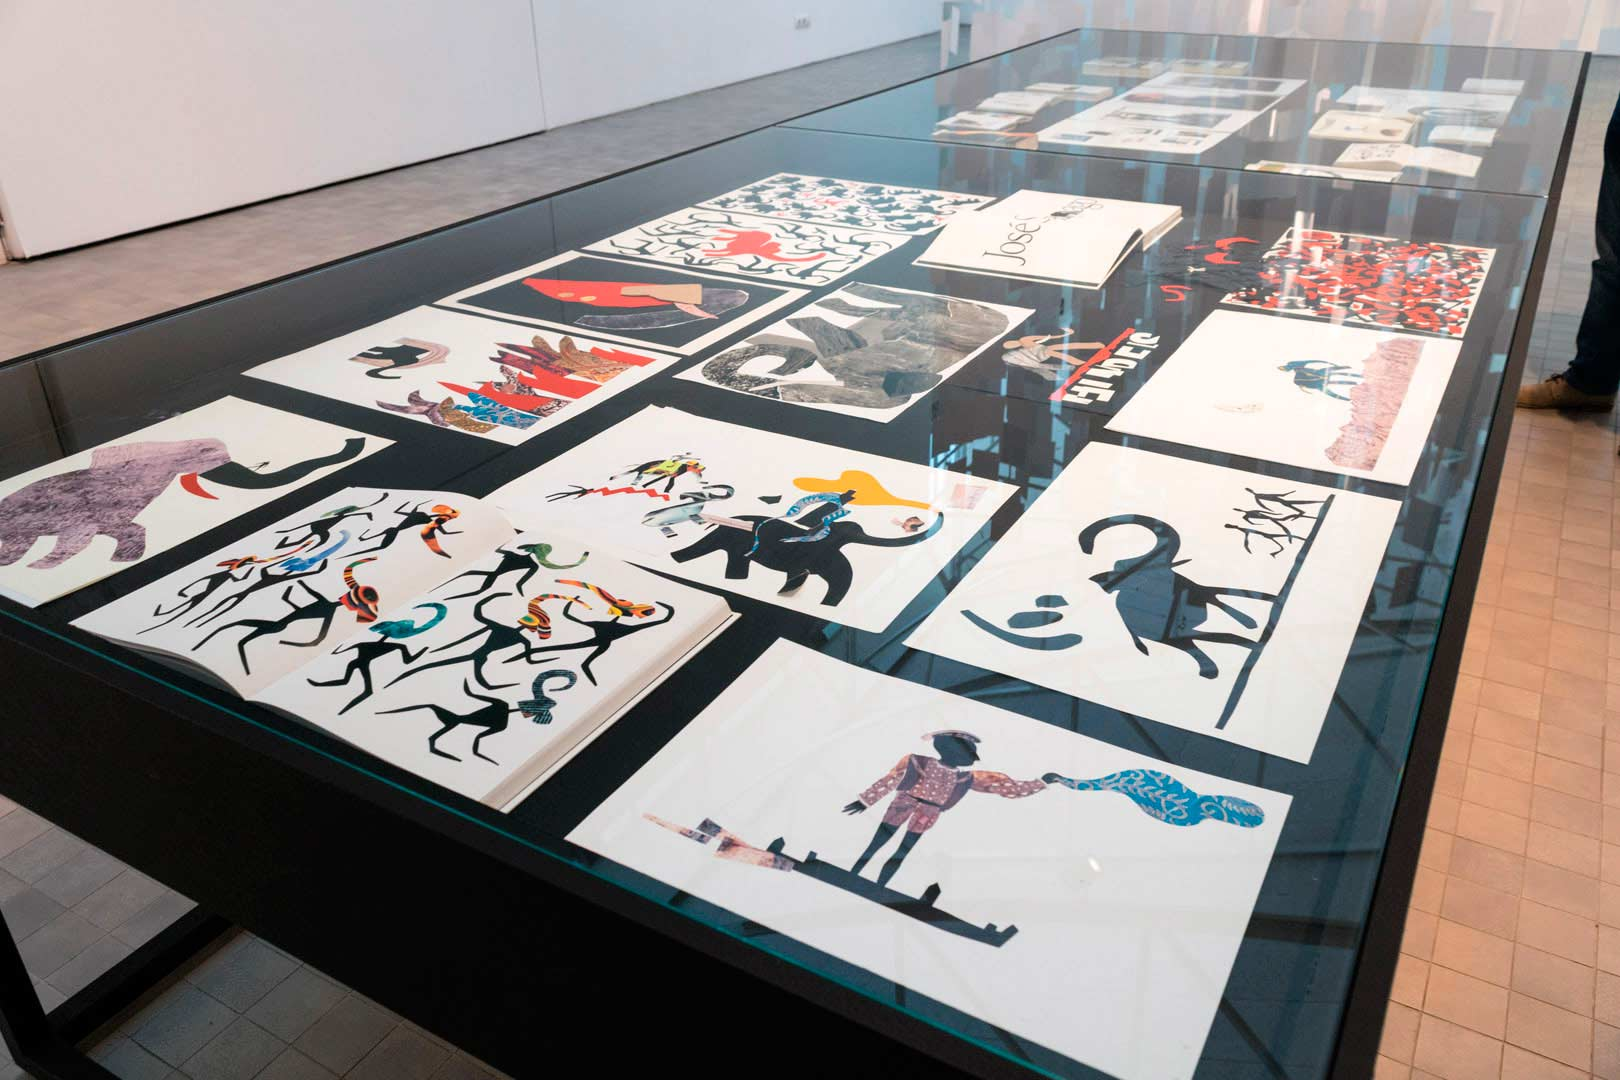 Diseñador-Manuel-Estrada--Ilustraciones-para-obra-de-Jose-Saramago